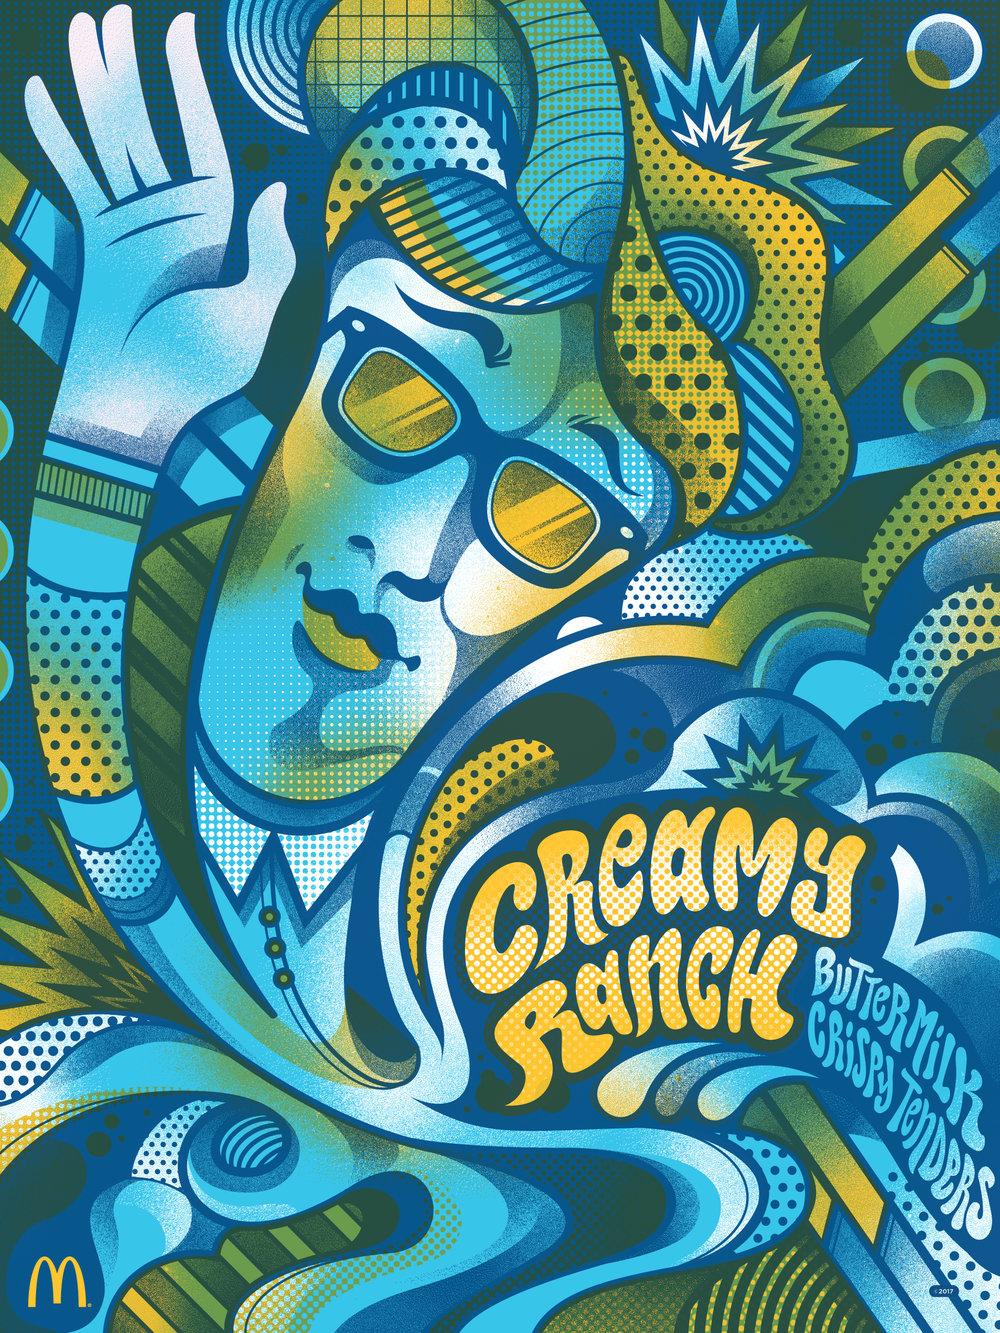 CreamyRanch.jpg